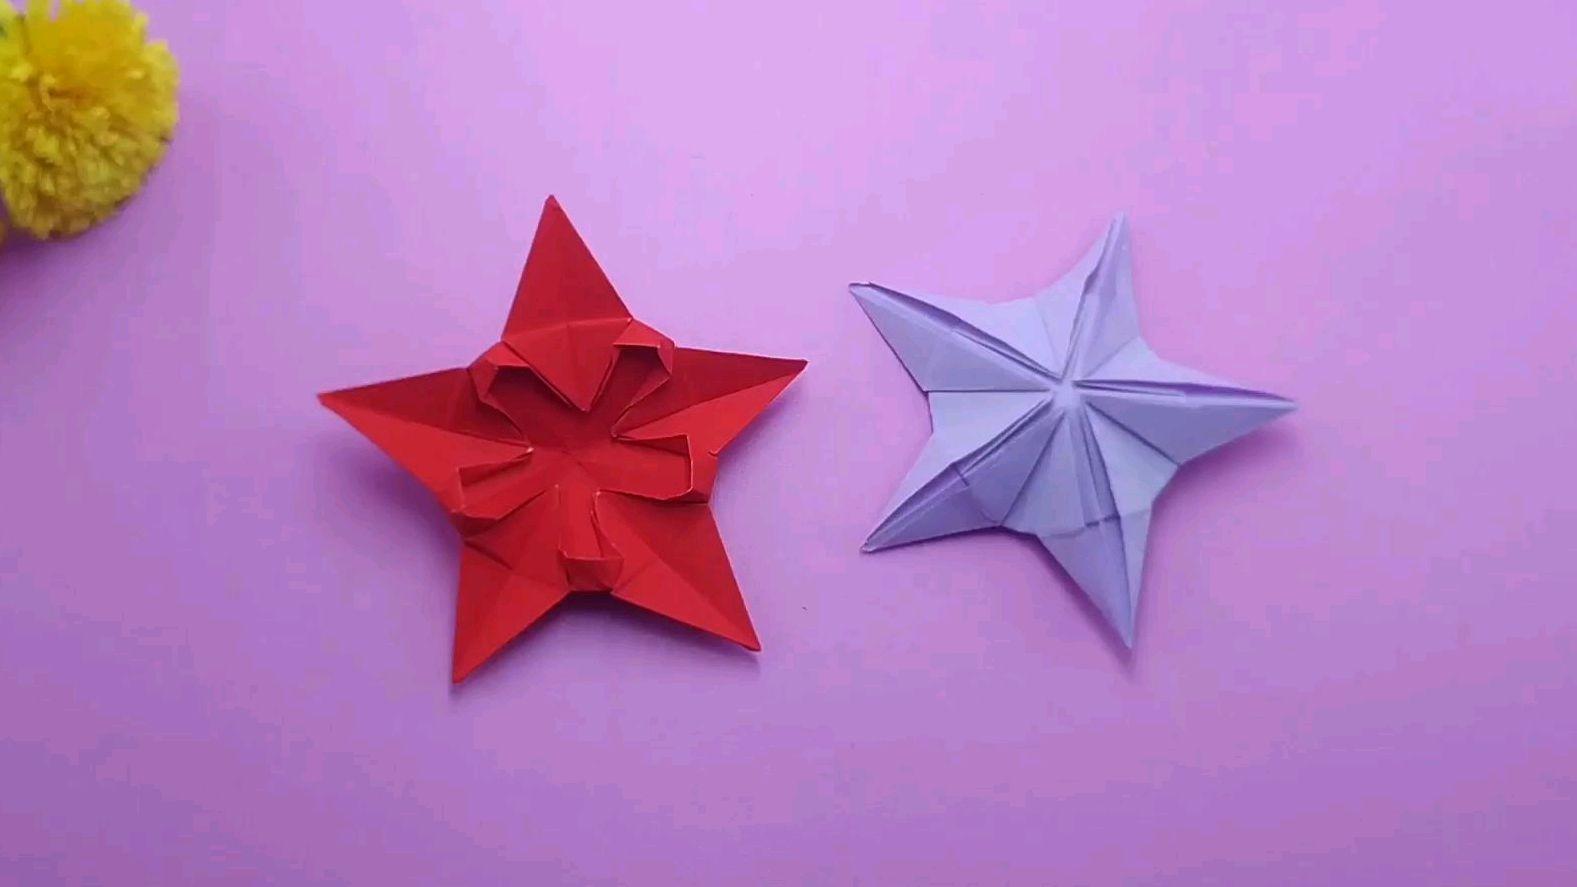 来源:好看视频-彩色立体五角星的折纸教程,手工折纸大全视频,太有创意